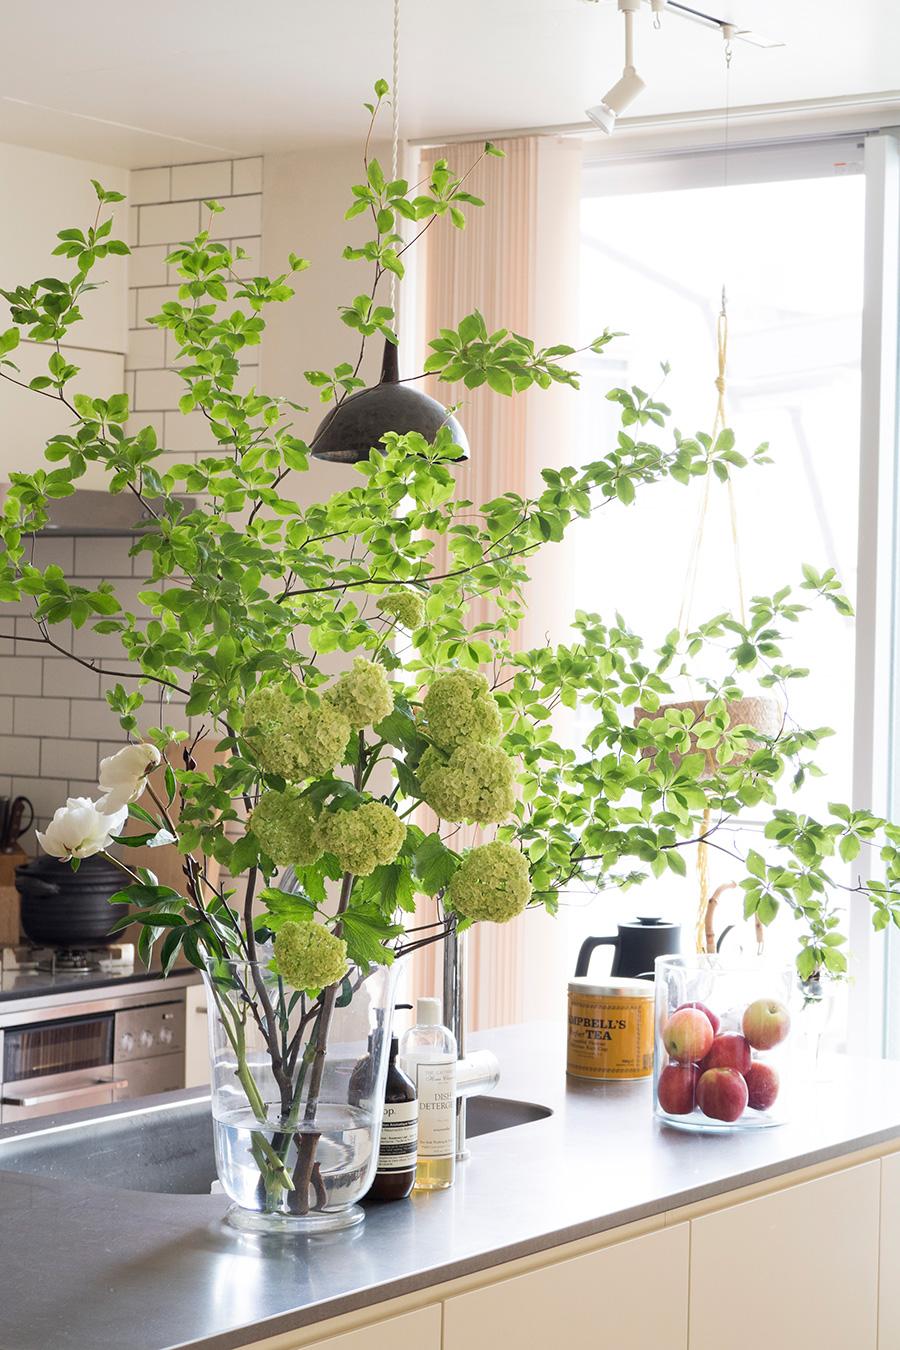 ドウダン、ビバーナム、シャクヤク、カーネーションでアレンジ。枝に縦に切り込みを入れることで長持ちするそう。